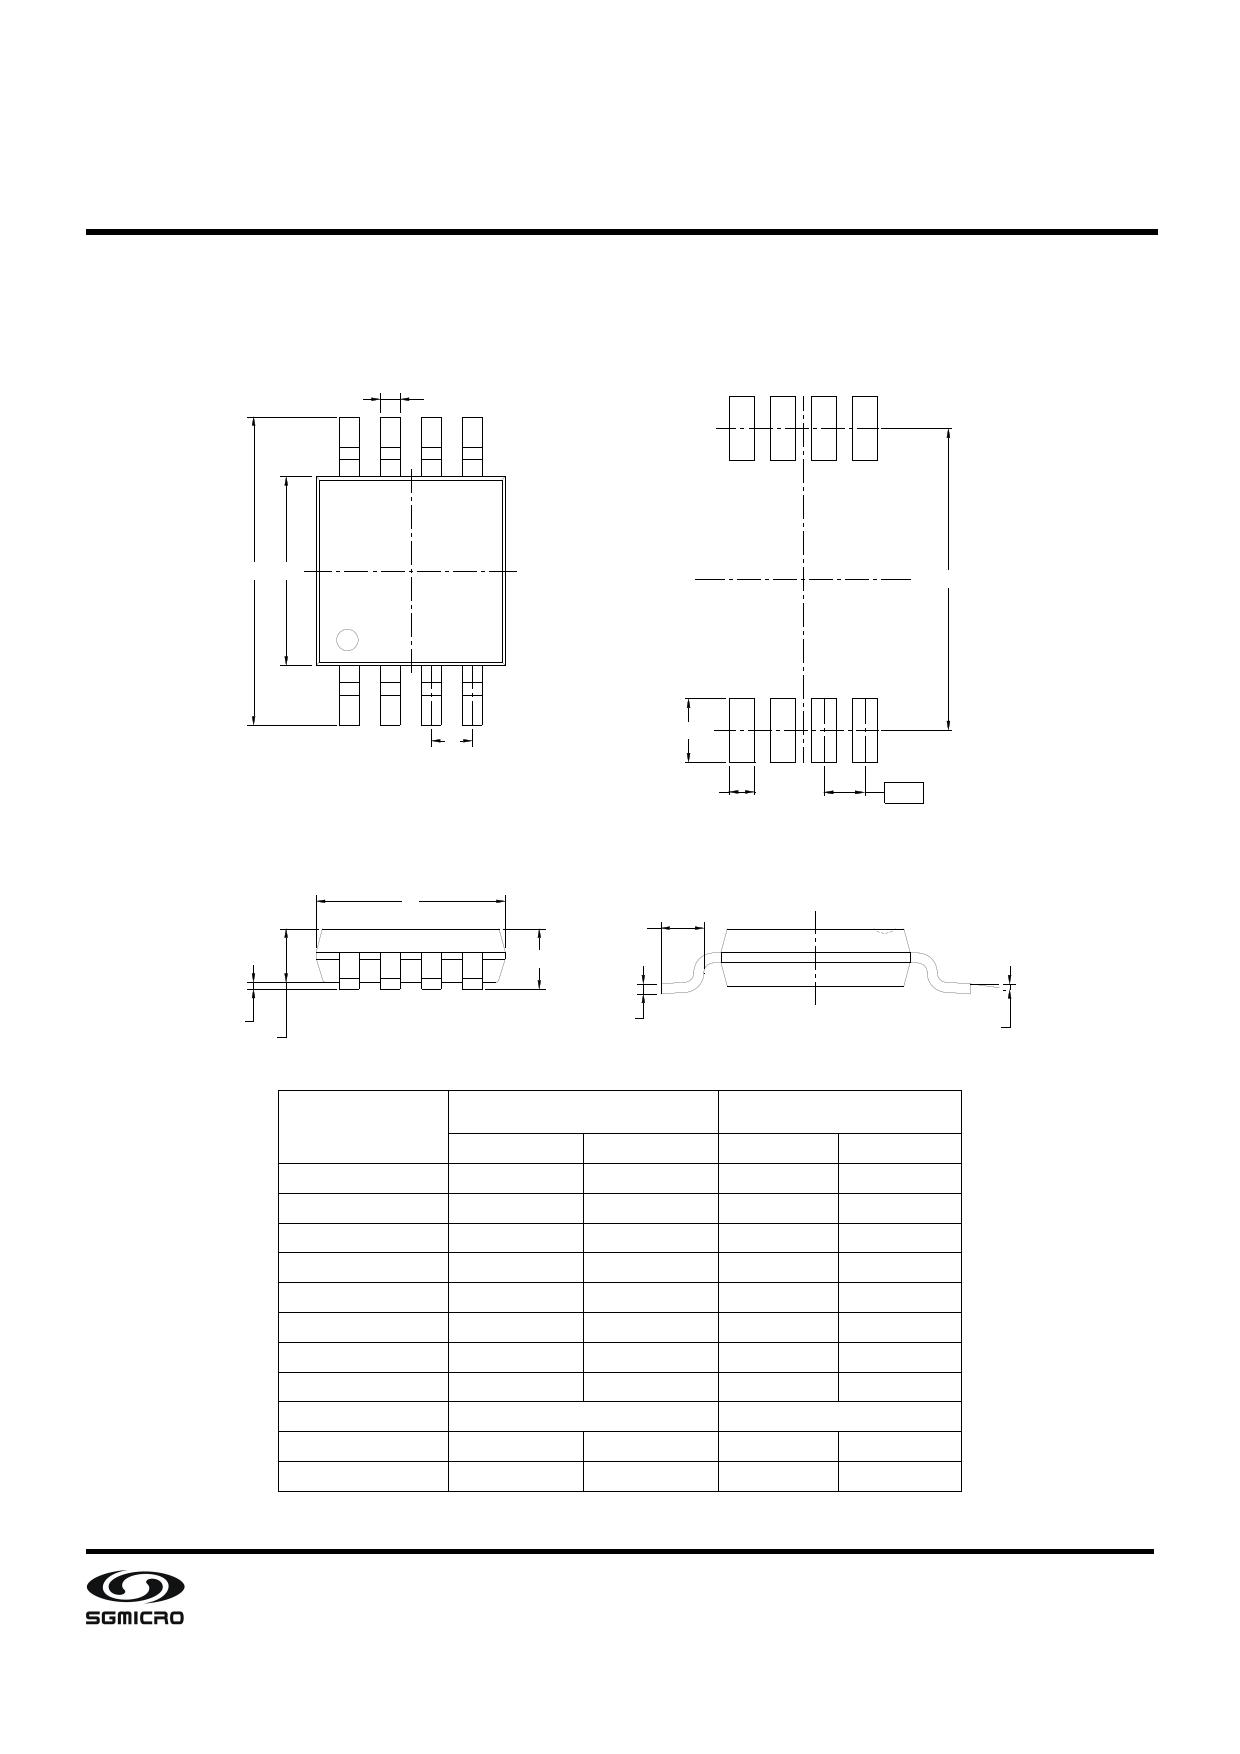 SGM9119 diode, scr